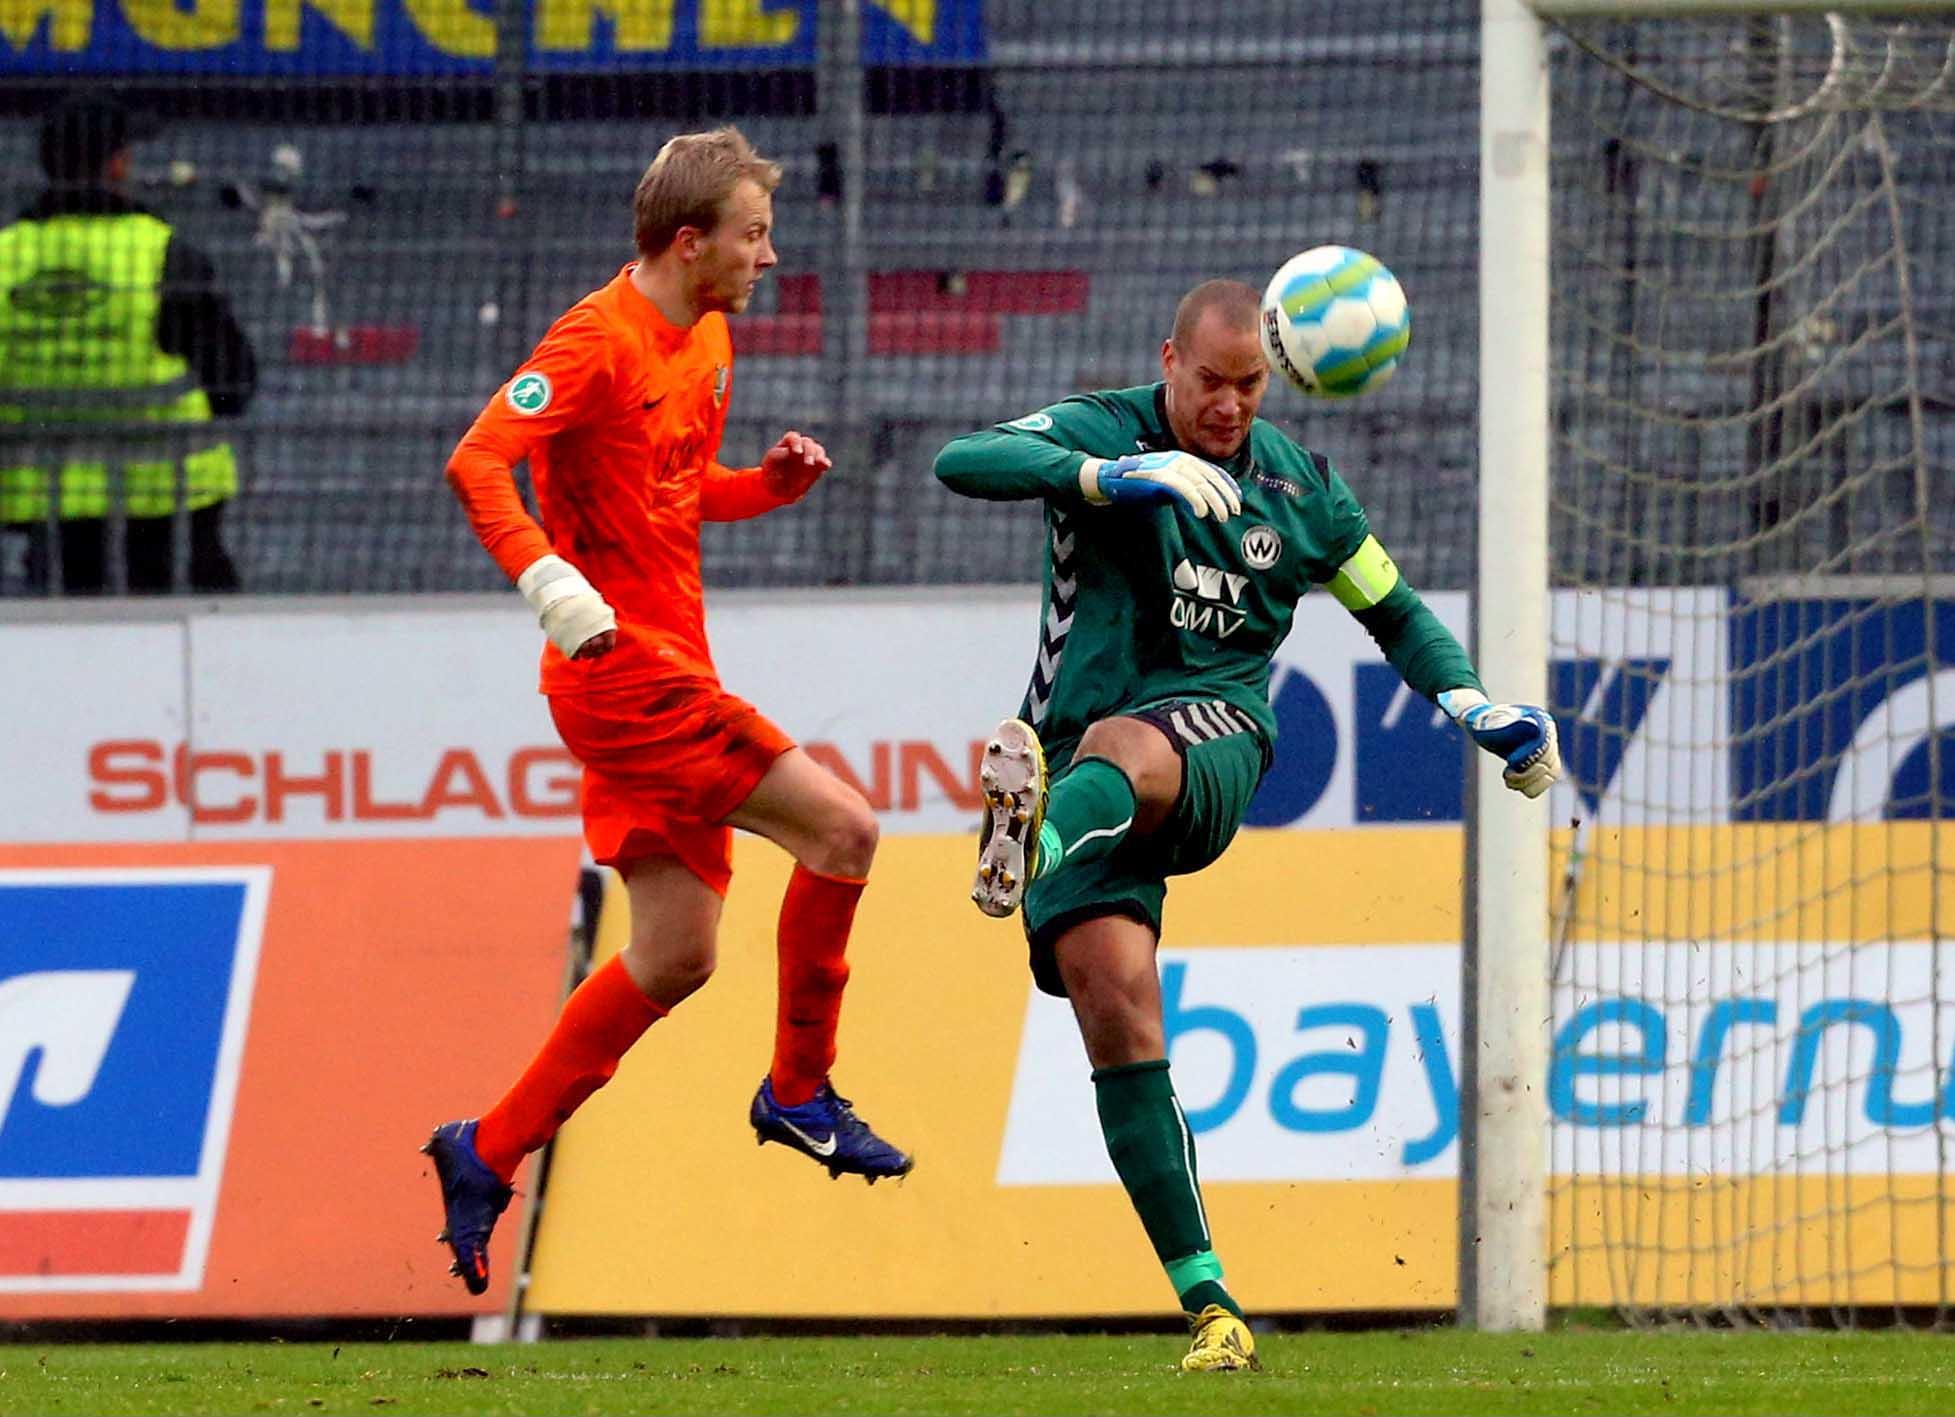 ... -Weiß Erfurt gegen Wacker Burghausen am 4. Spieltag williamhill euro 2016 williamhill live score 2013/14 (1 - 1